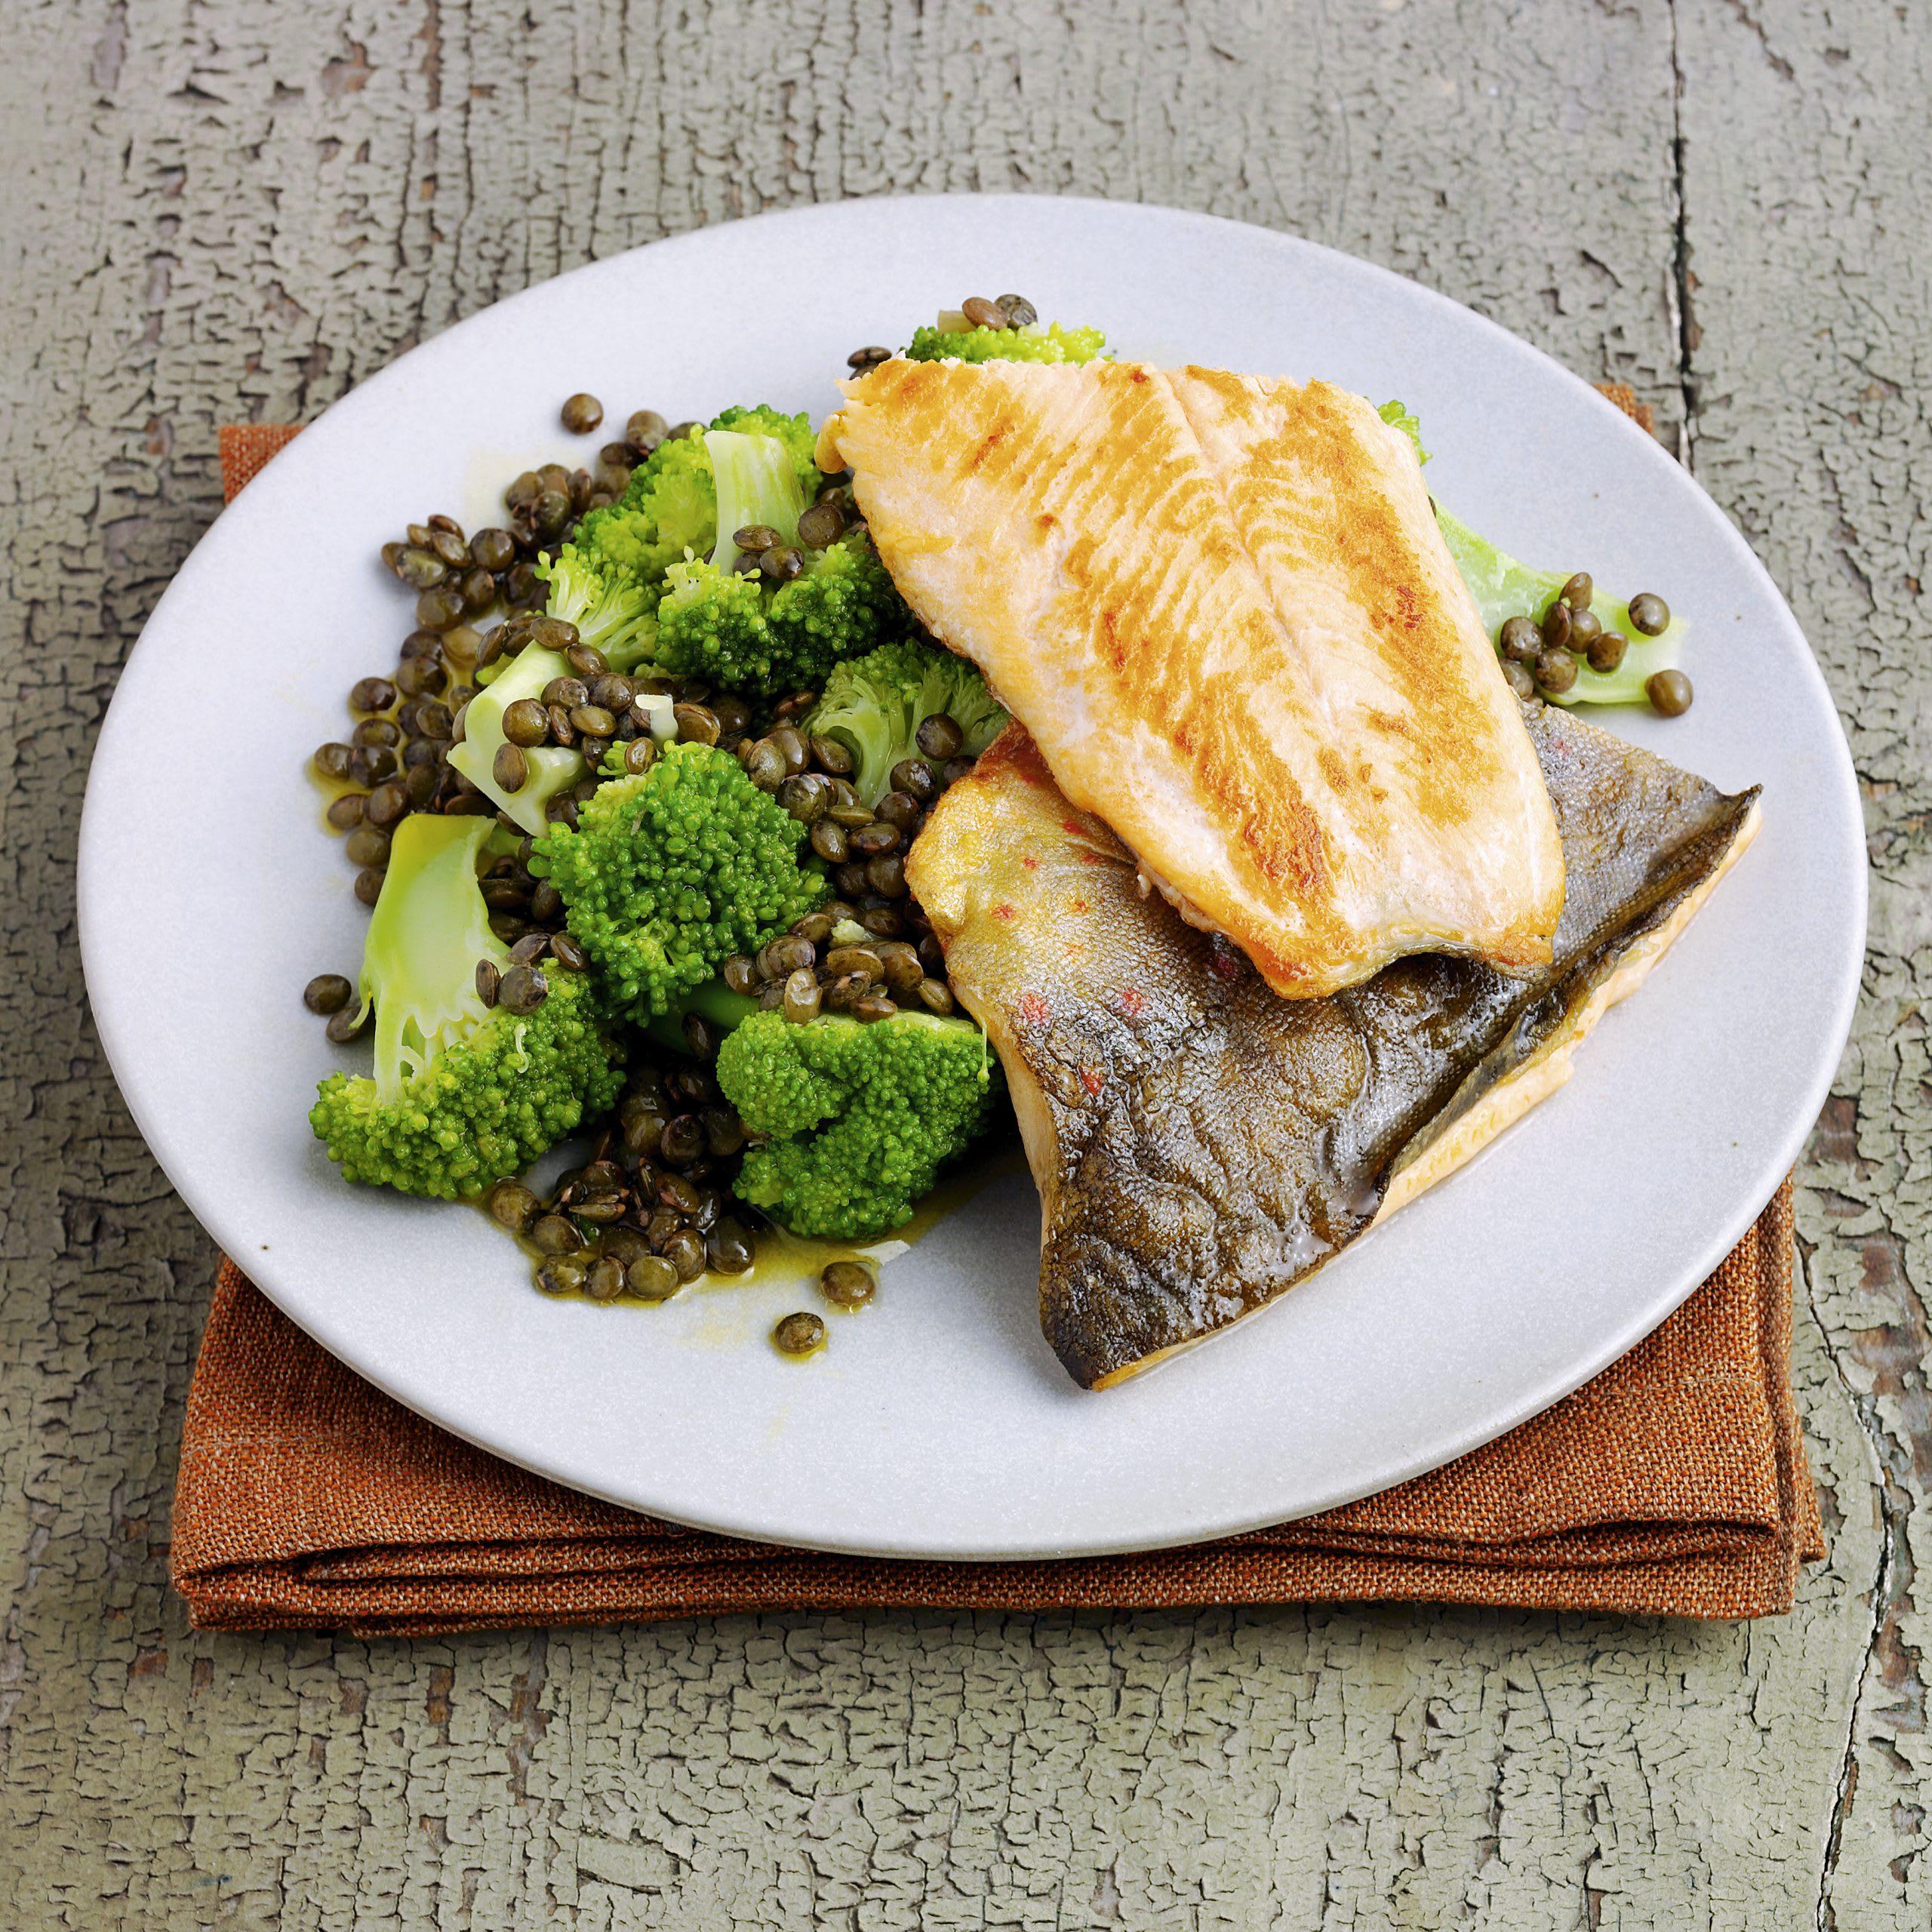 Poisson grillé et salade de lentilles